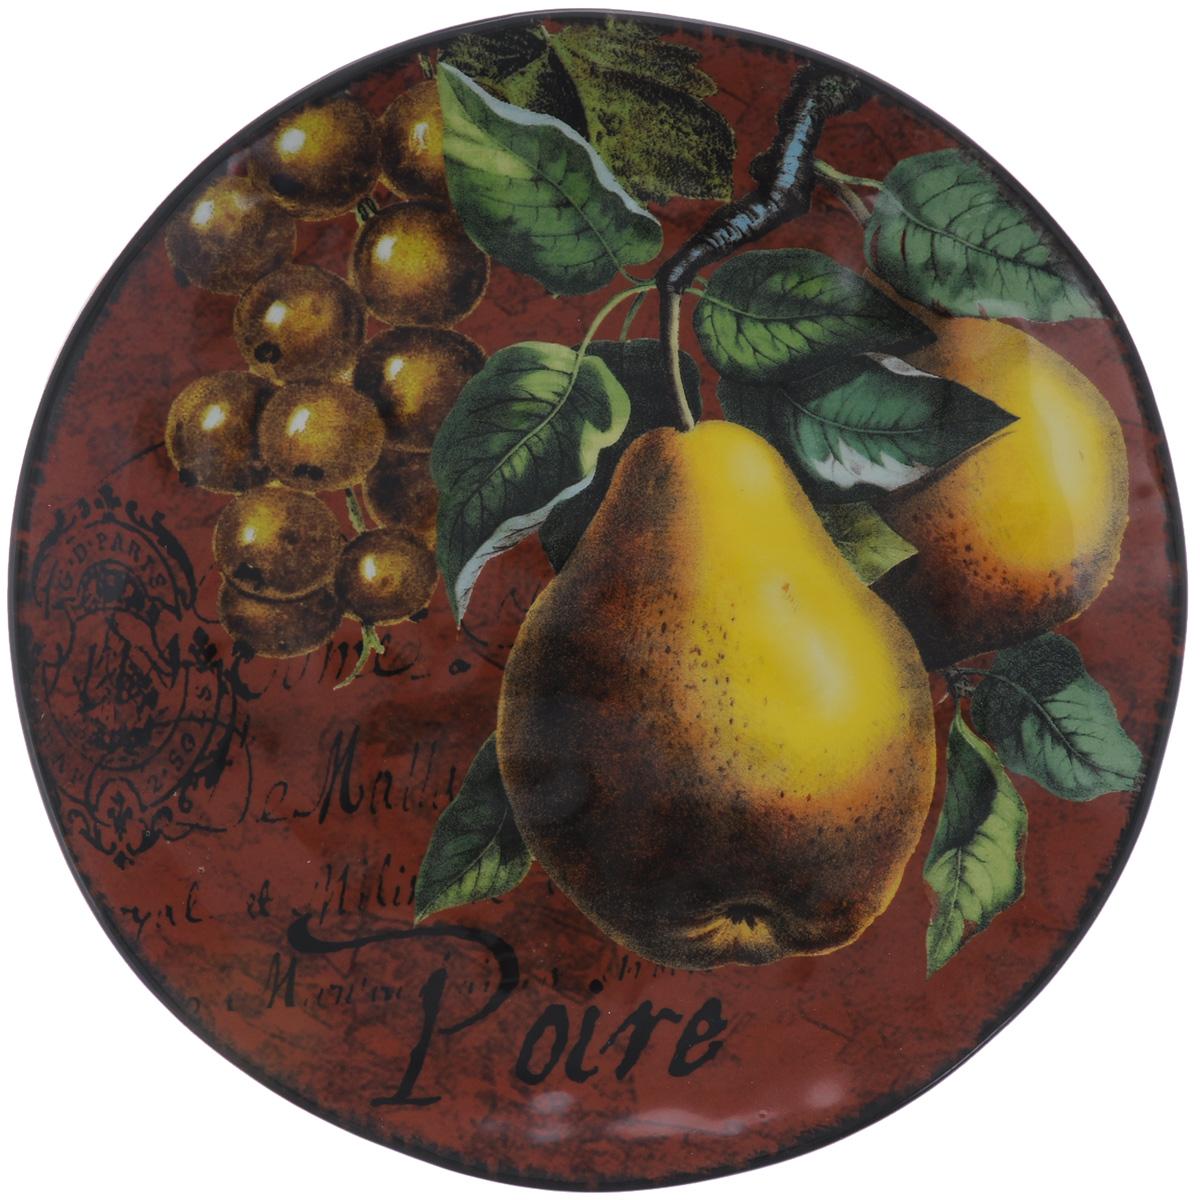 Тарелка десертная Certified International Груши, диаметр 22 см44201Десертная тарелка Certified International Груши, изготовленная из высококачественной керамики, декорирована изящным рисунком. Она подойдет как для торжественных случаев, так и для повседневного использования. Тарелка Certified International Груши идеальна для подачи десертов, пирожных, тортов и многого другого. Она прекрасно оформит стол и станет отличным дополнением к вашей коллекции кухонной посуды. Диаметр тарелки (по верхнему краю): 22 см.